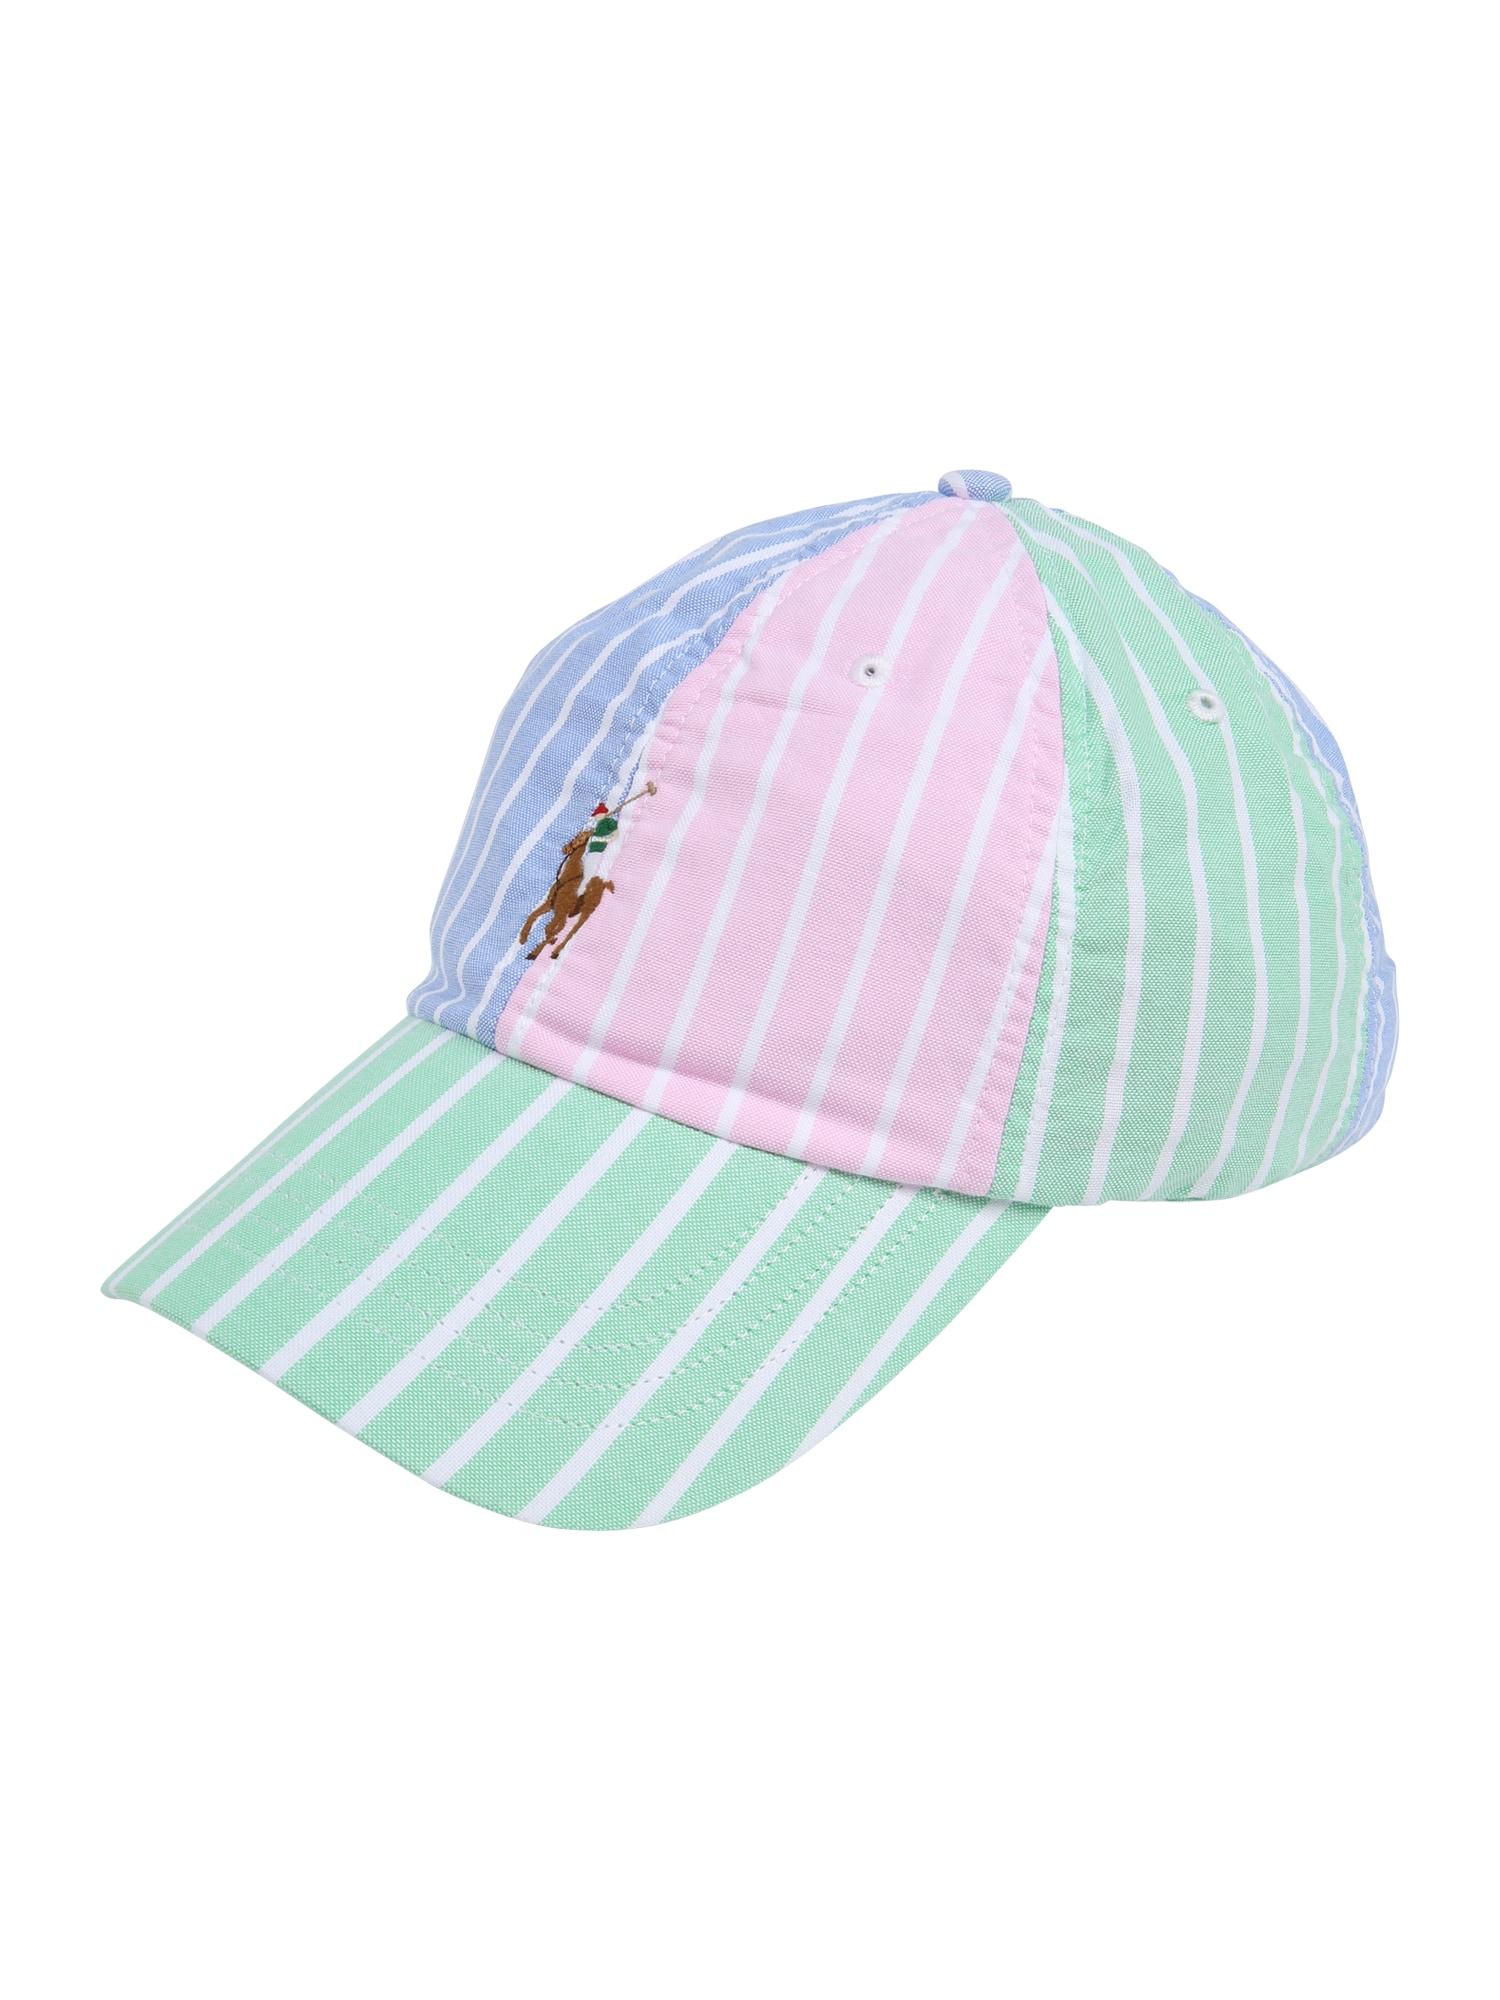 POLO RALPH LAUREN Kepurė 'CLASSIC SPORT CAP W/ SMALL PP' rožių spalva / šviesiai žalia / šviesiai mėlyna